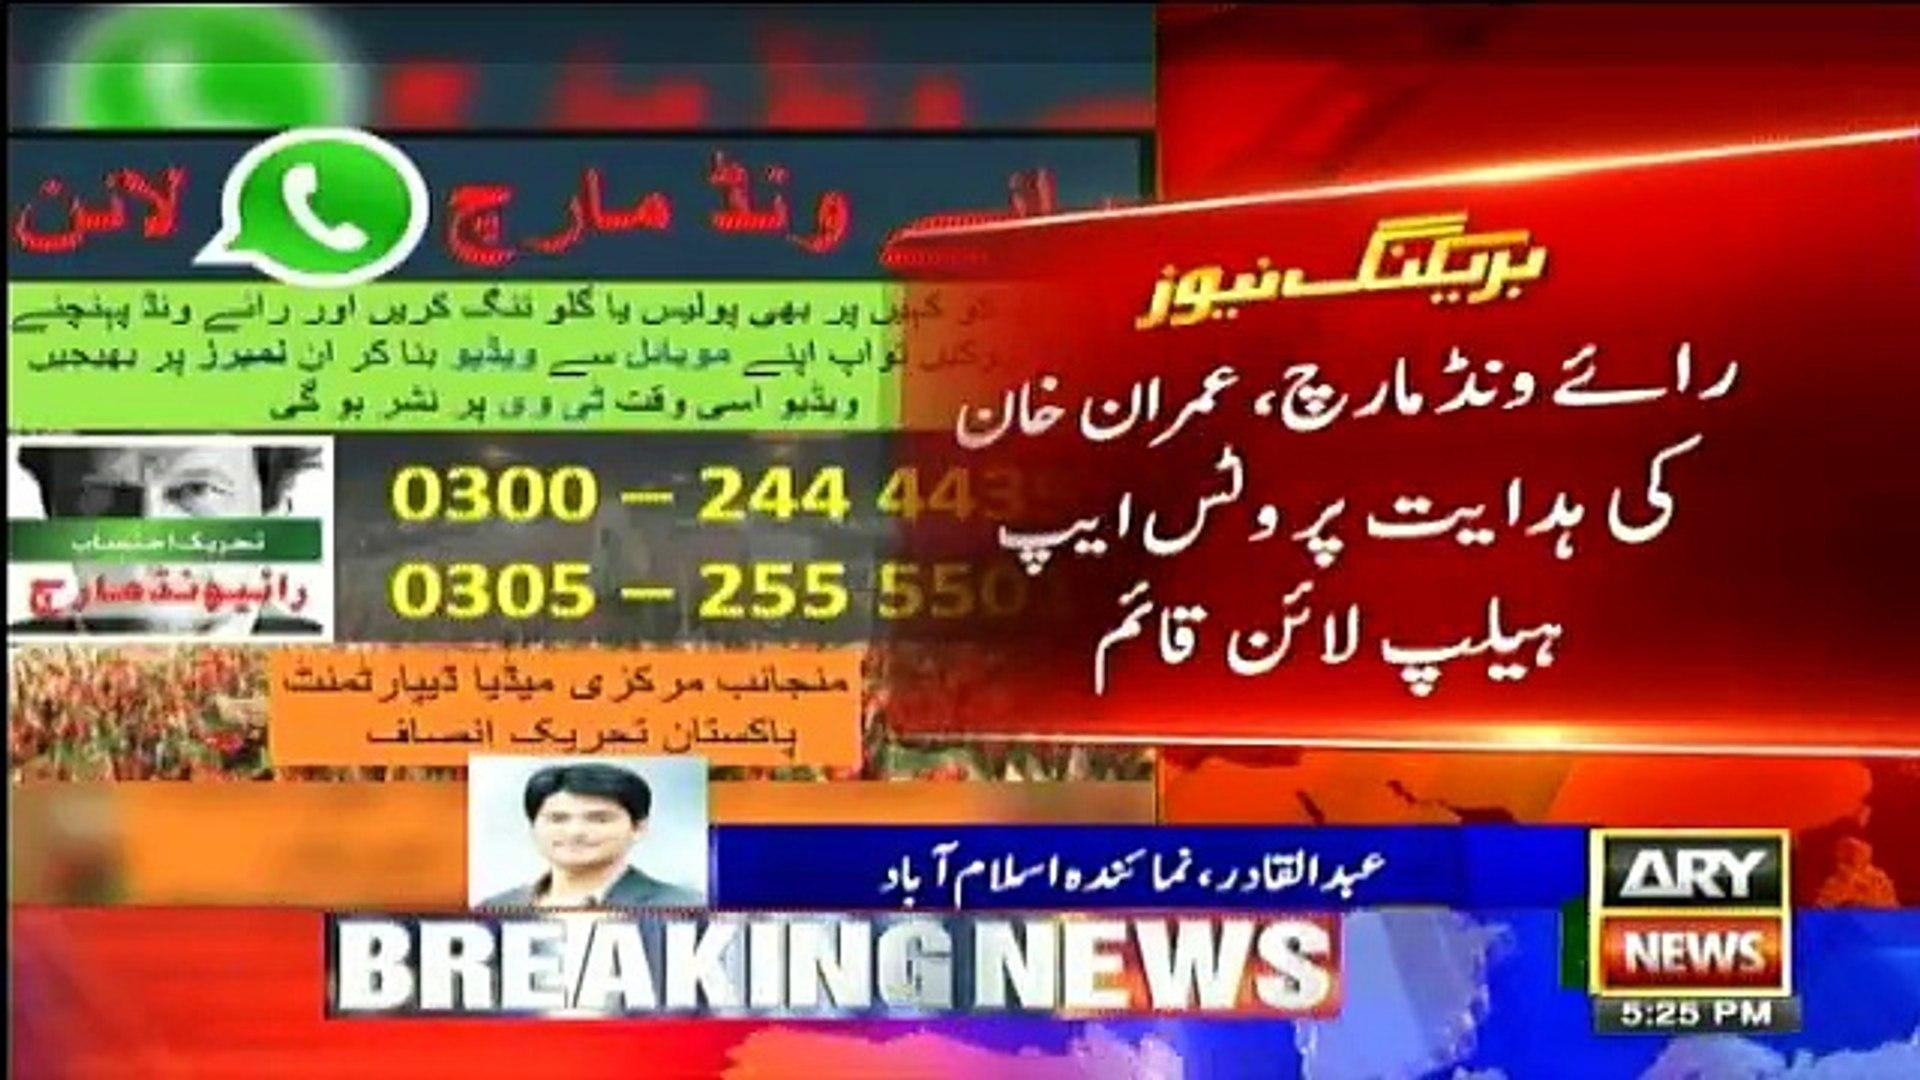 PTI Launches WhatsApp HelpLine - ARY